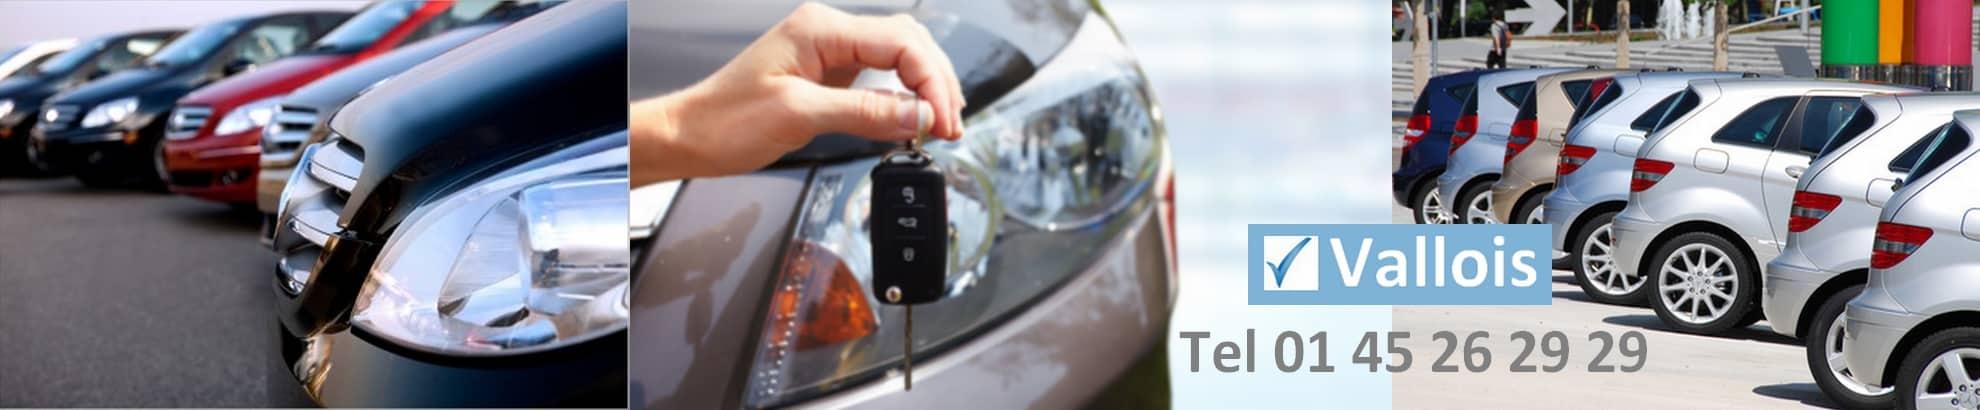 Comment assurer une flotte automobile d'entreprise ?